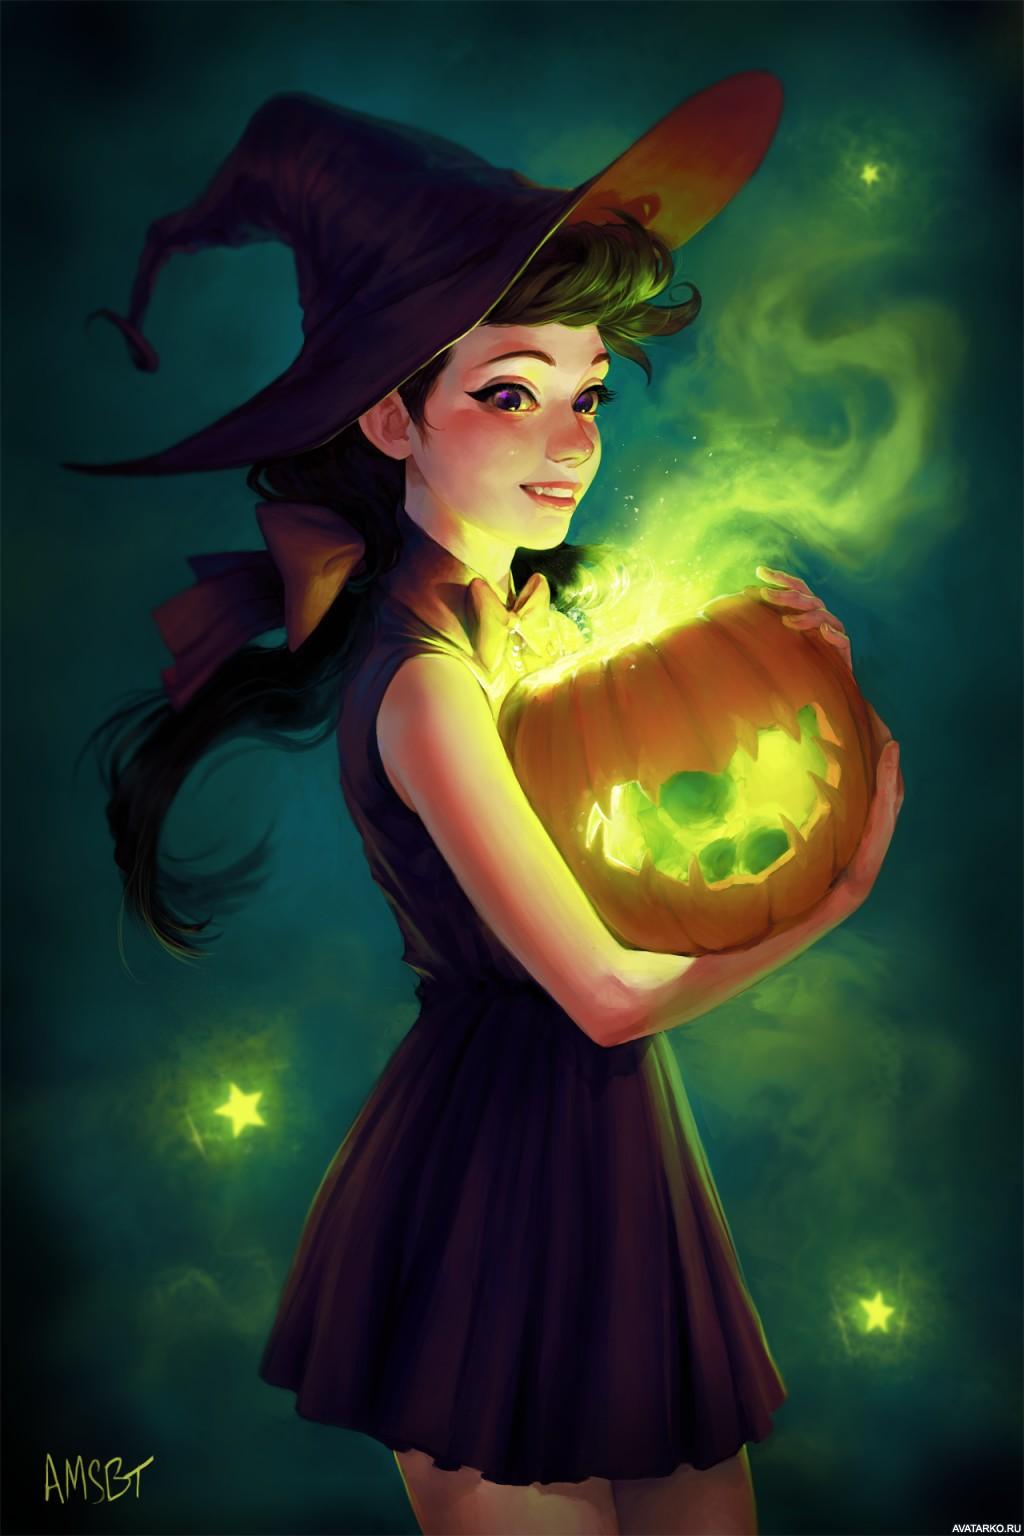 картинки ведьм красивых на аву могут зайти дом